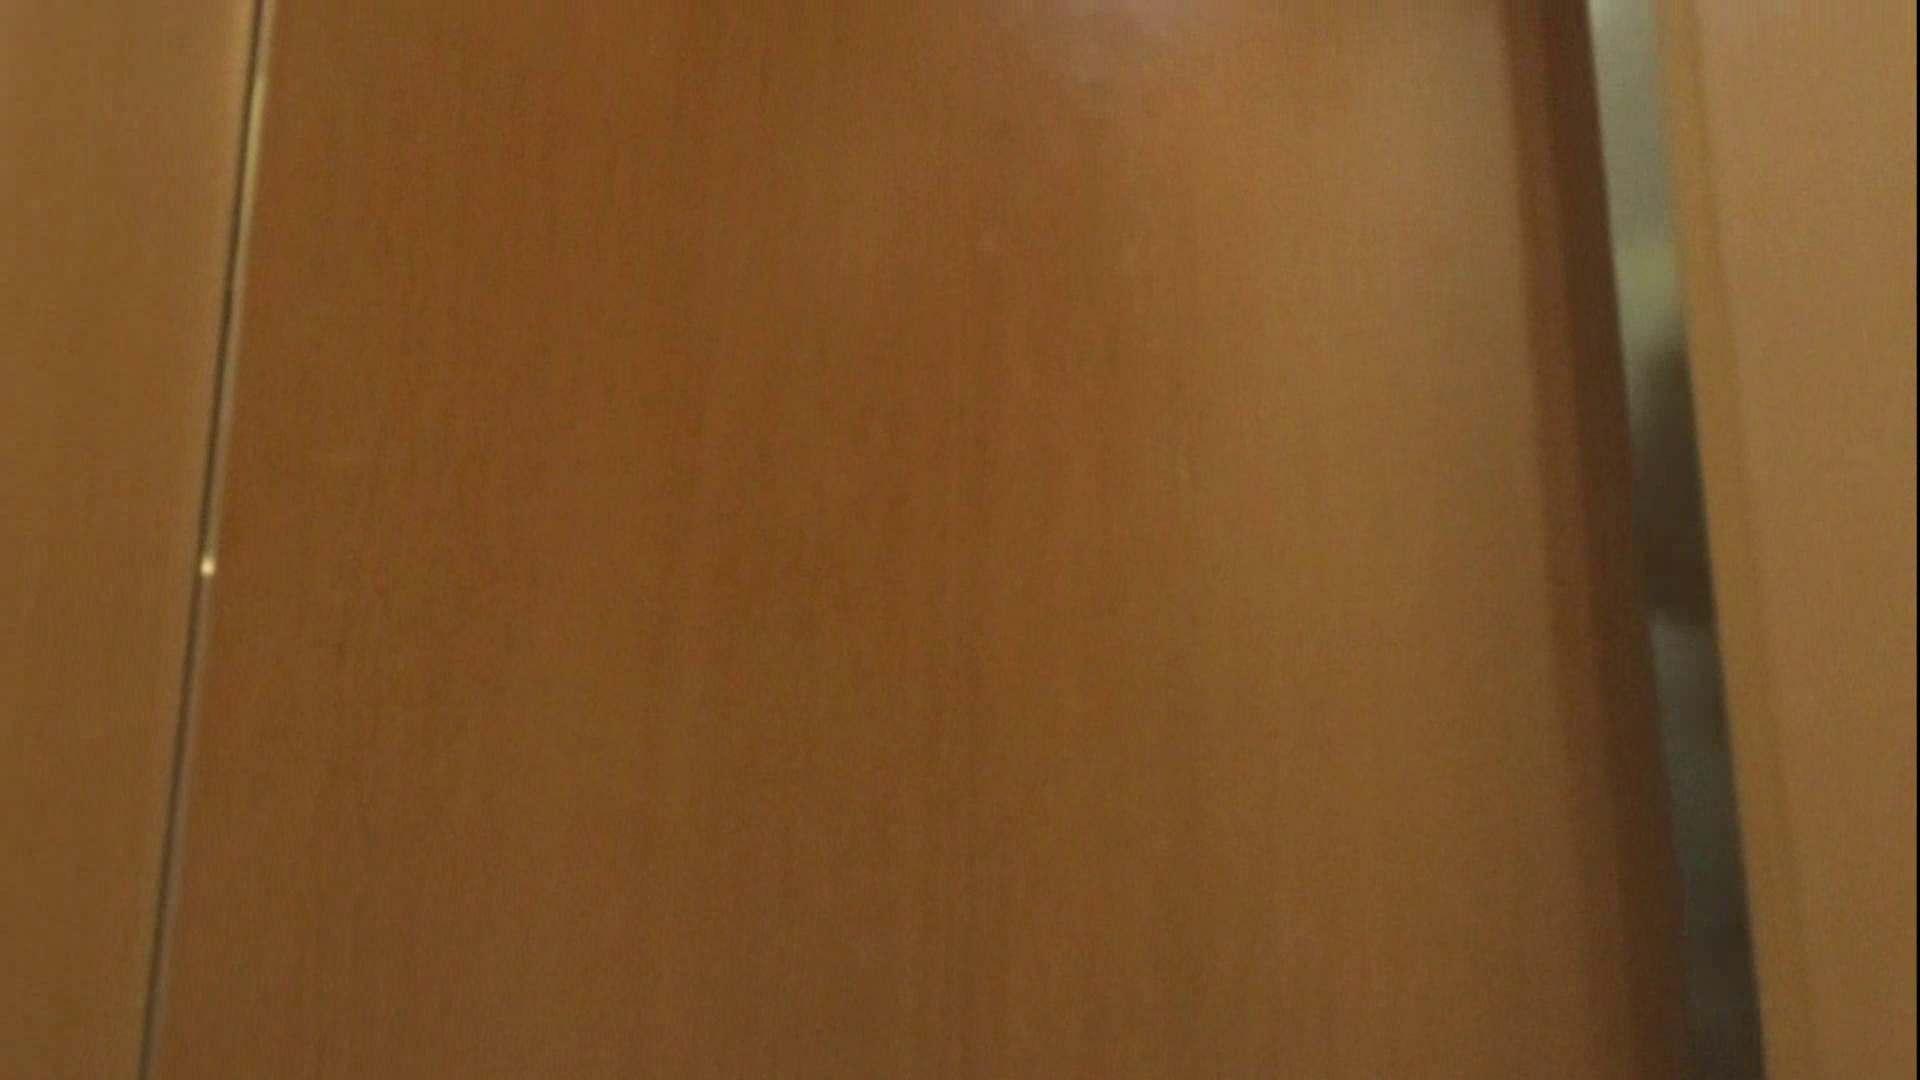 隣国化粧室下から御免!! No.12 美女 | 高画質  98画像 81